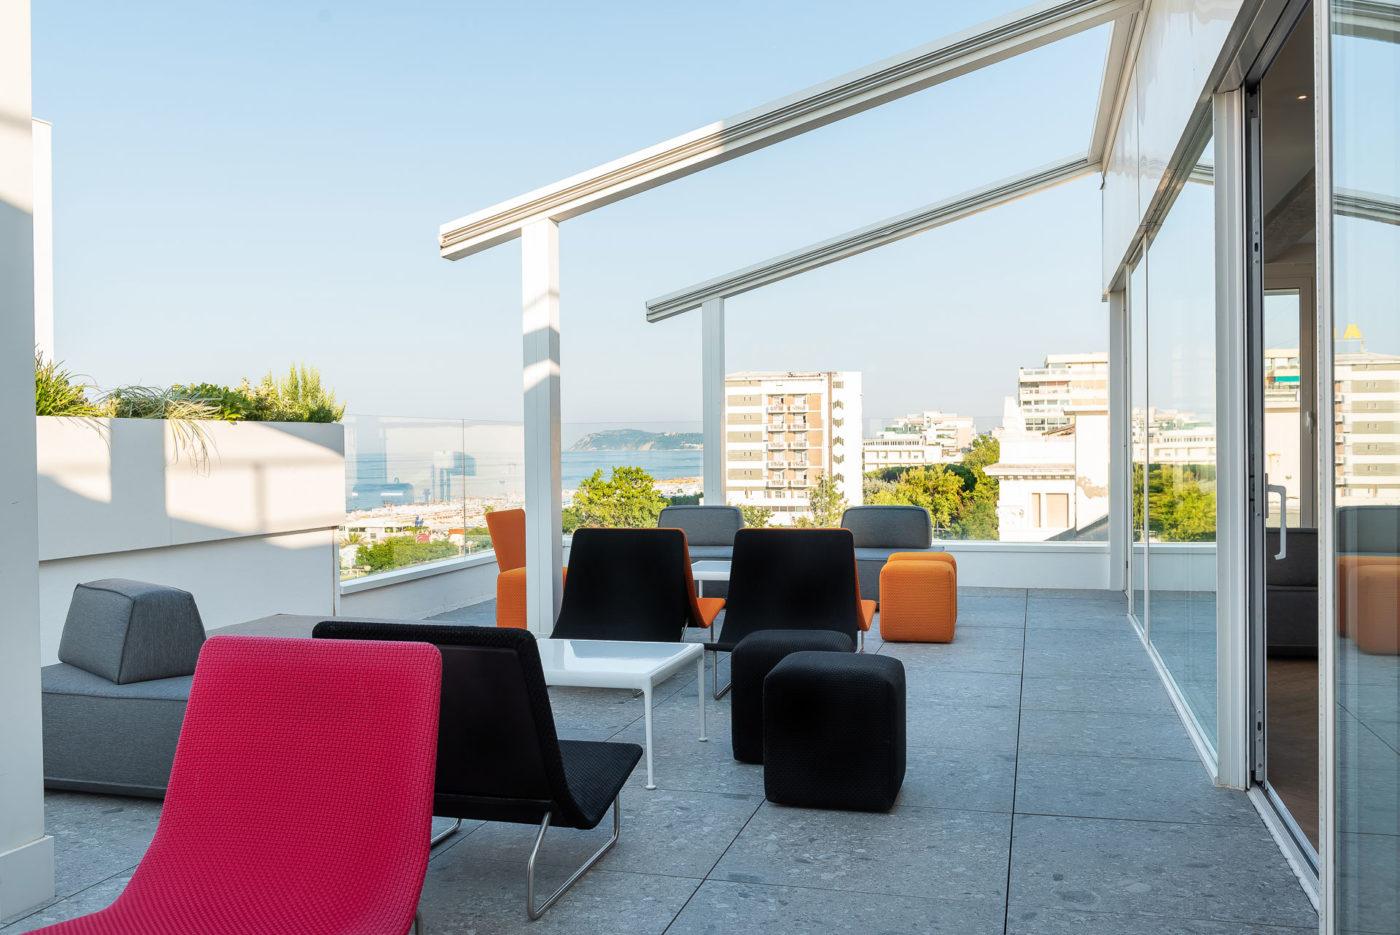 Appartamento meeting space del The Box Hotel di Riccione, la terrazza